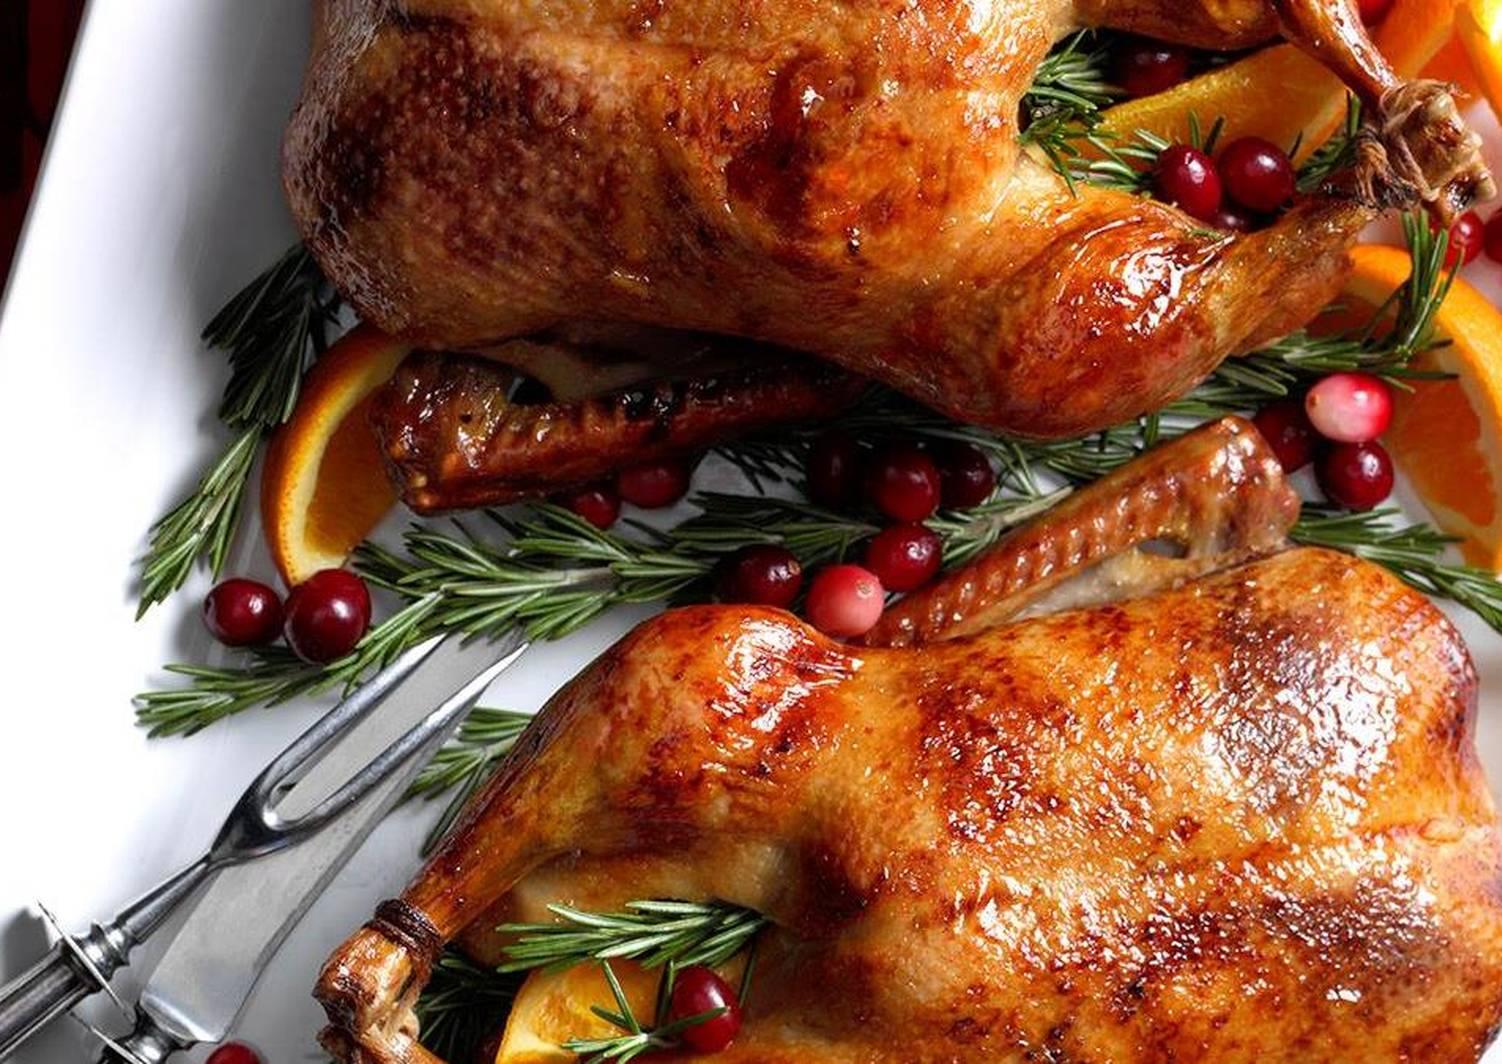 утка на рождество рецепт с фото работ над